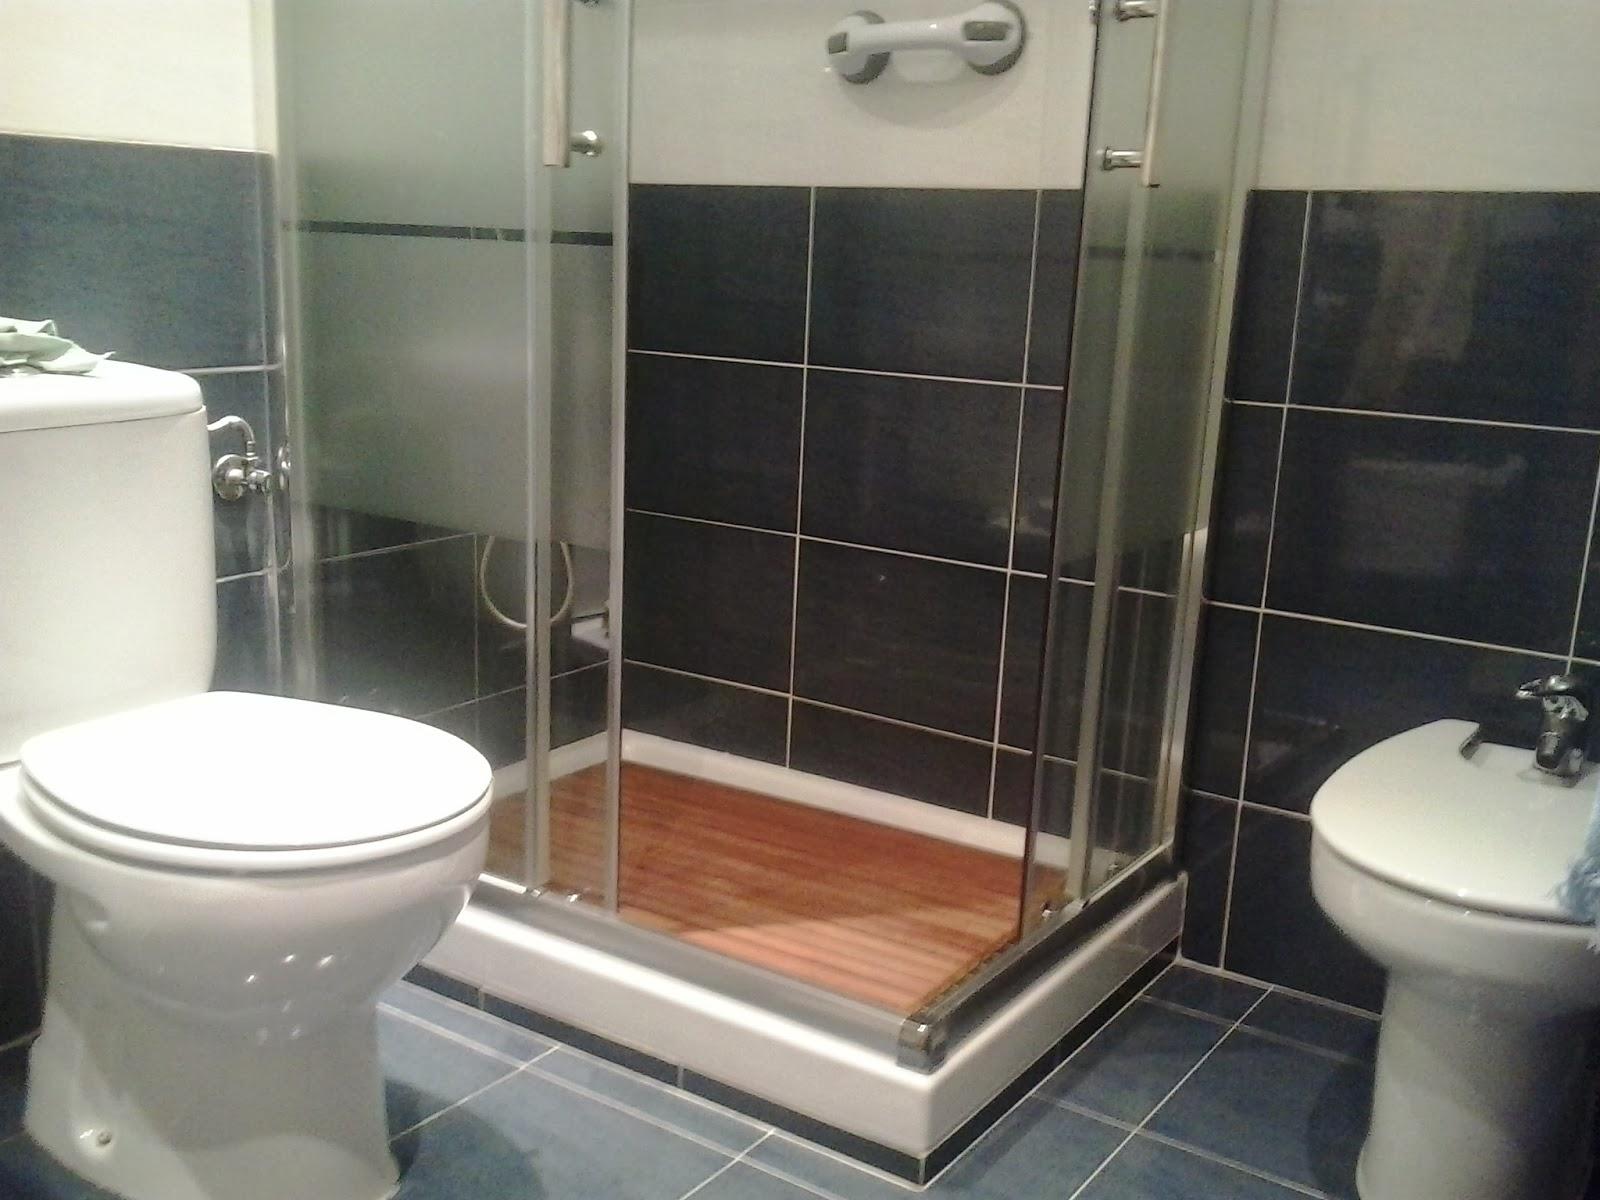 Como instalar un plato de ducha instalacin de plato de for Instalar plato ducha